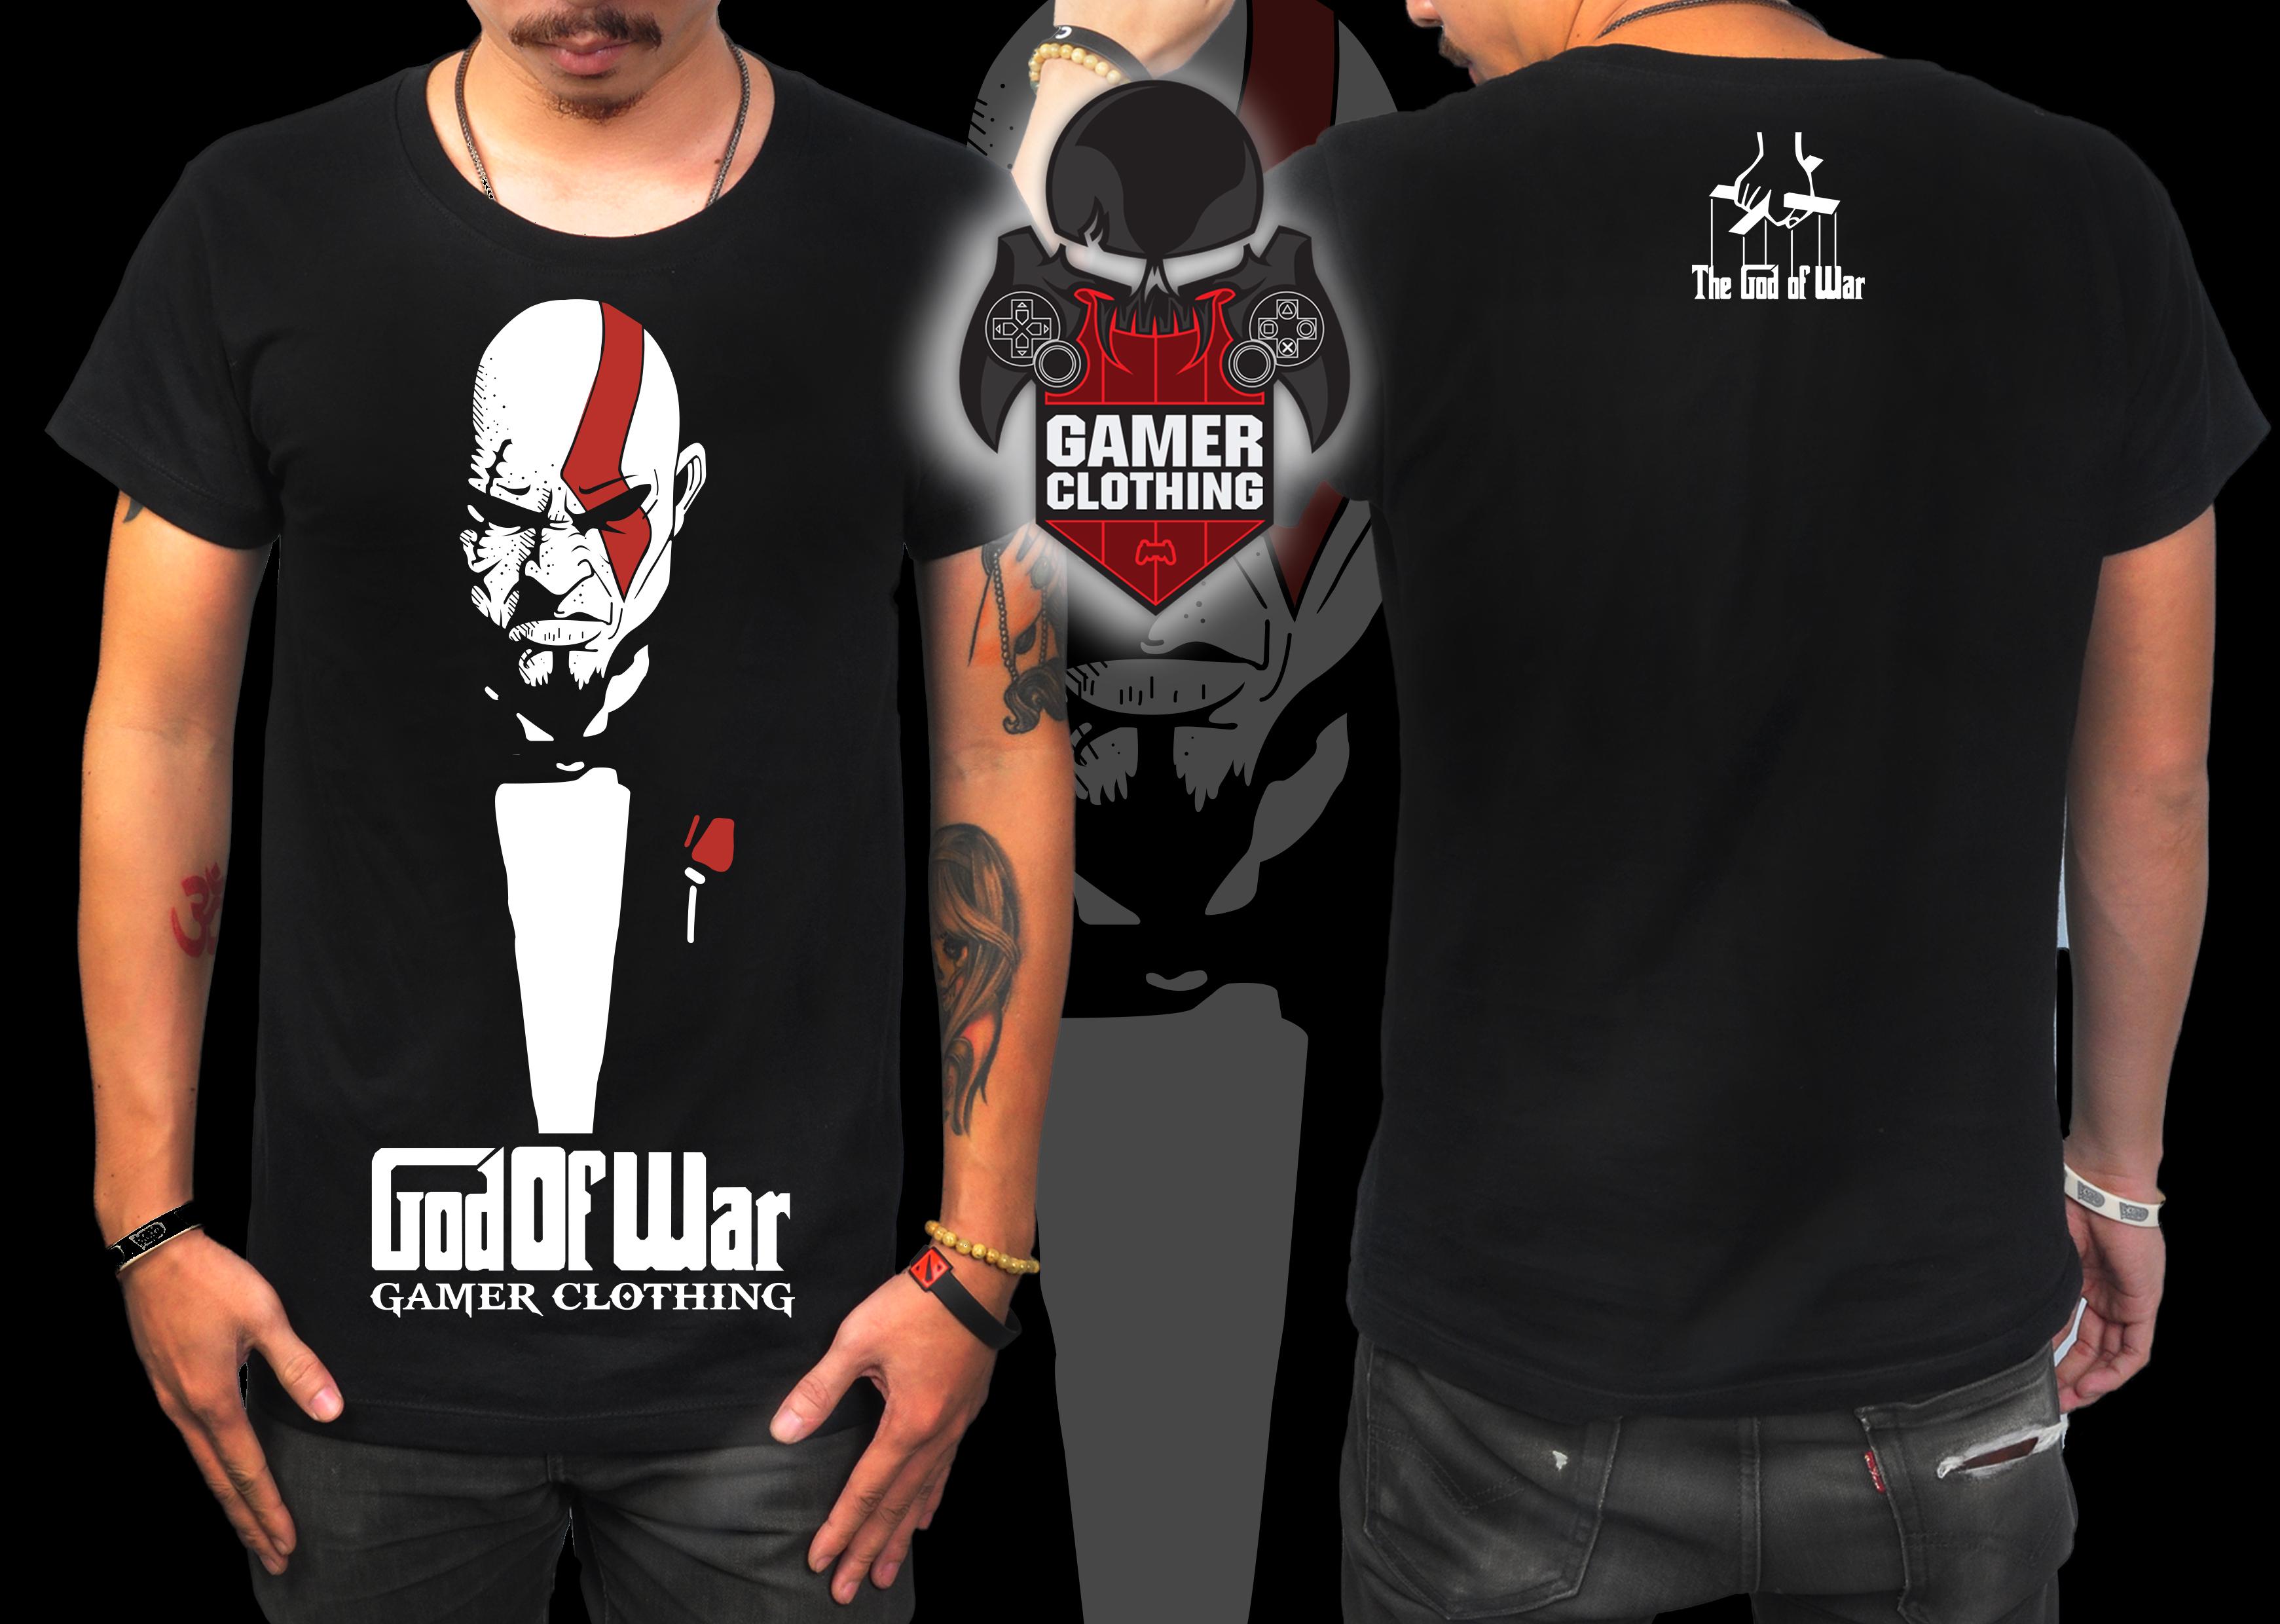 GOD FATHER OF WAR T-Shirt